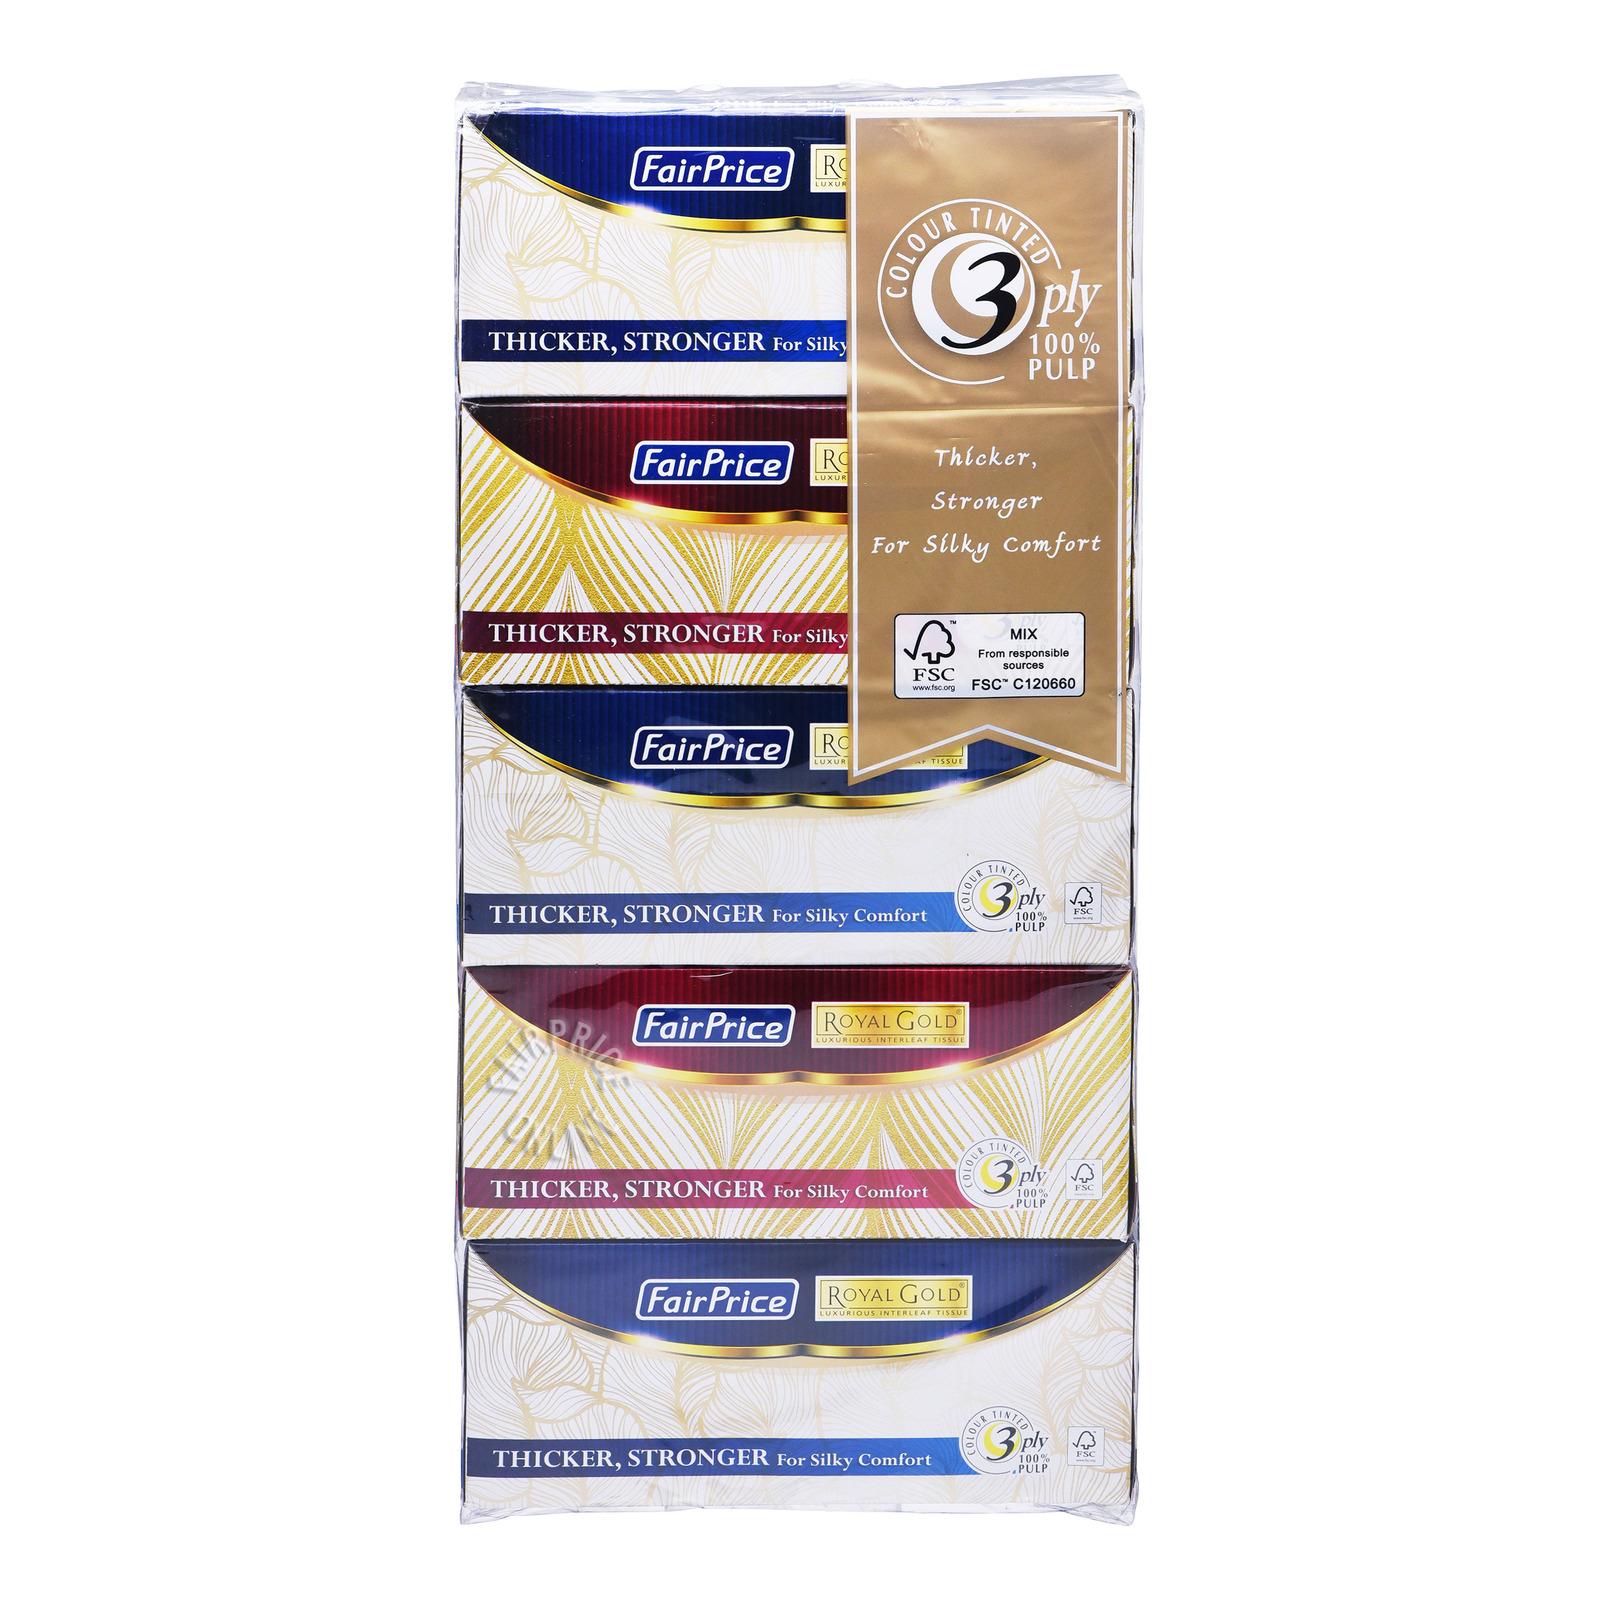 FairPrice Royal Gold Facial Tissue - 3ply